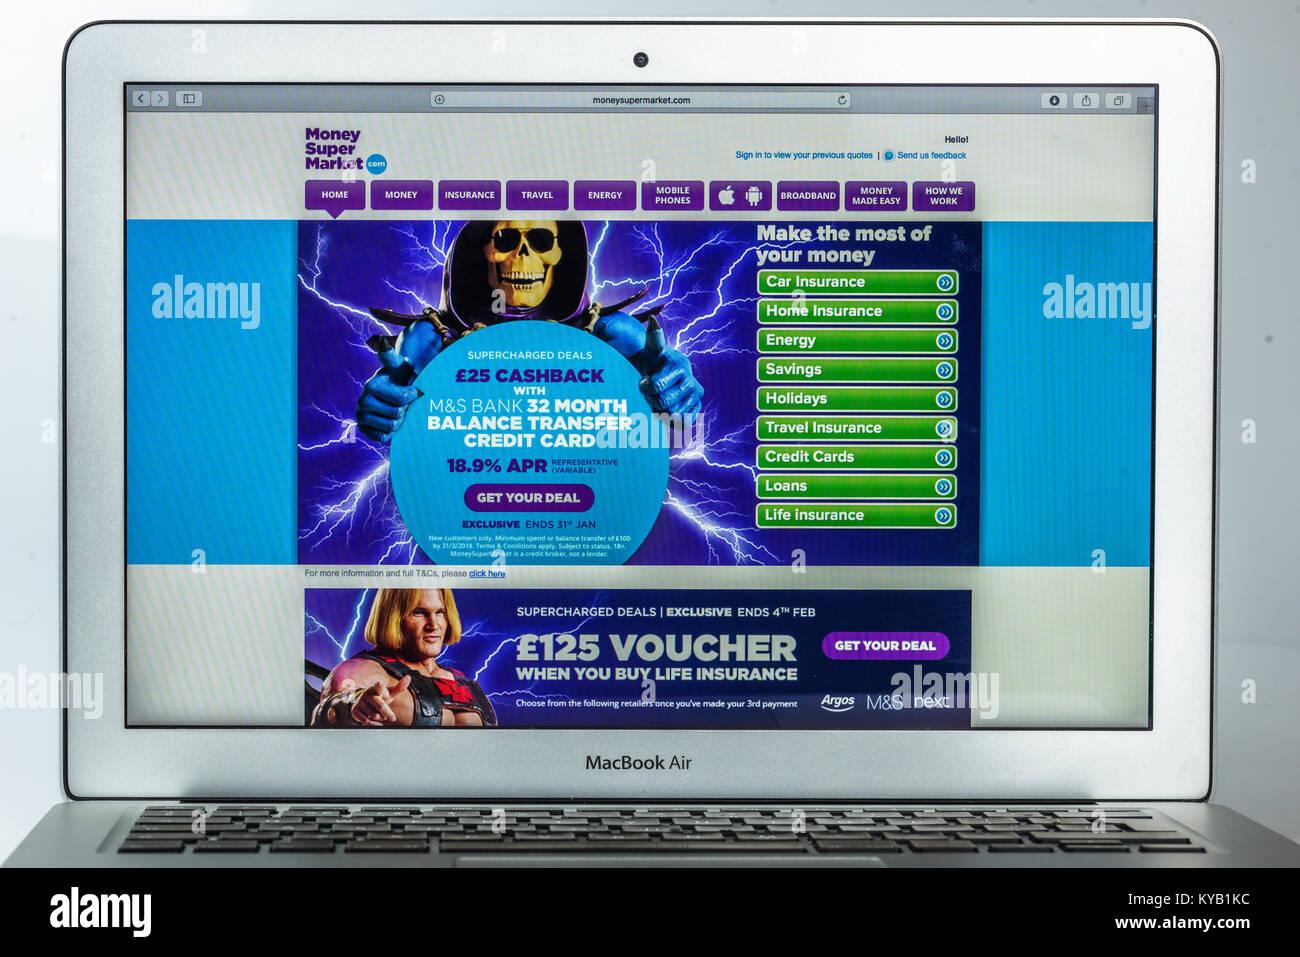 moneysupermarket.com website - Stock Image